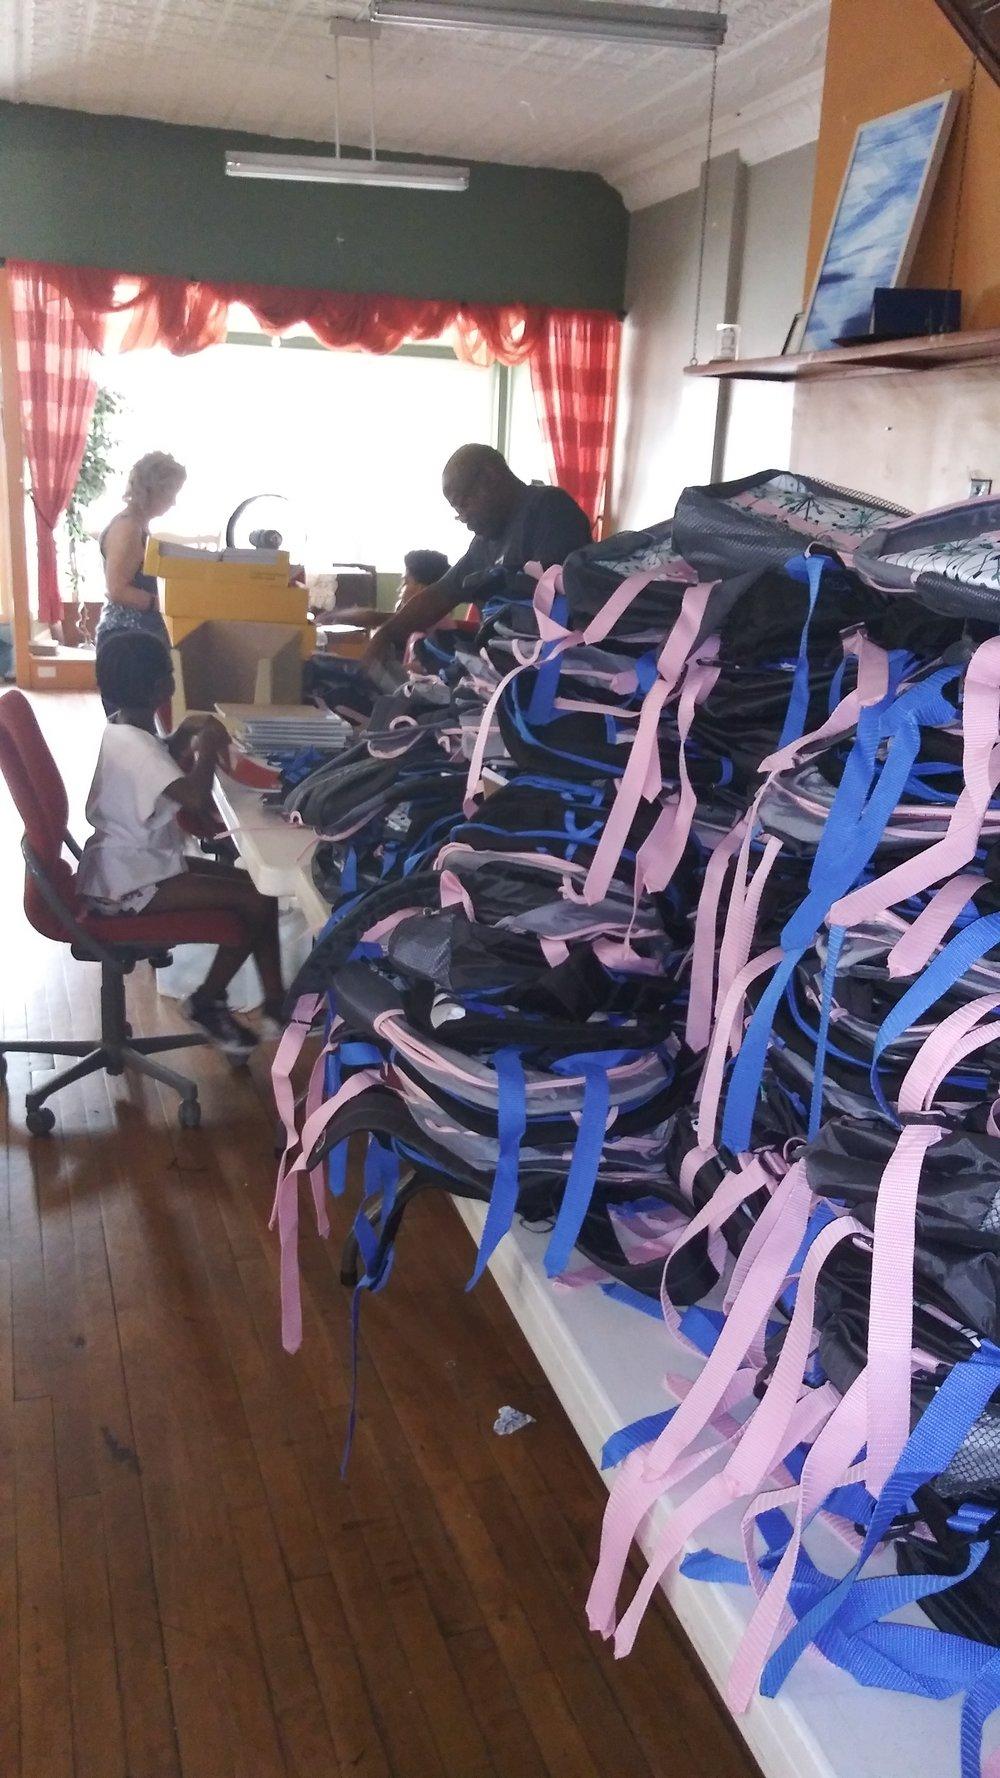 700+ Backpacks